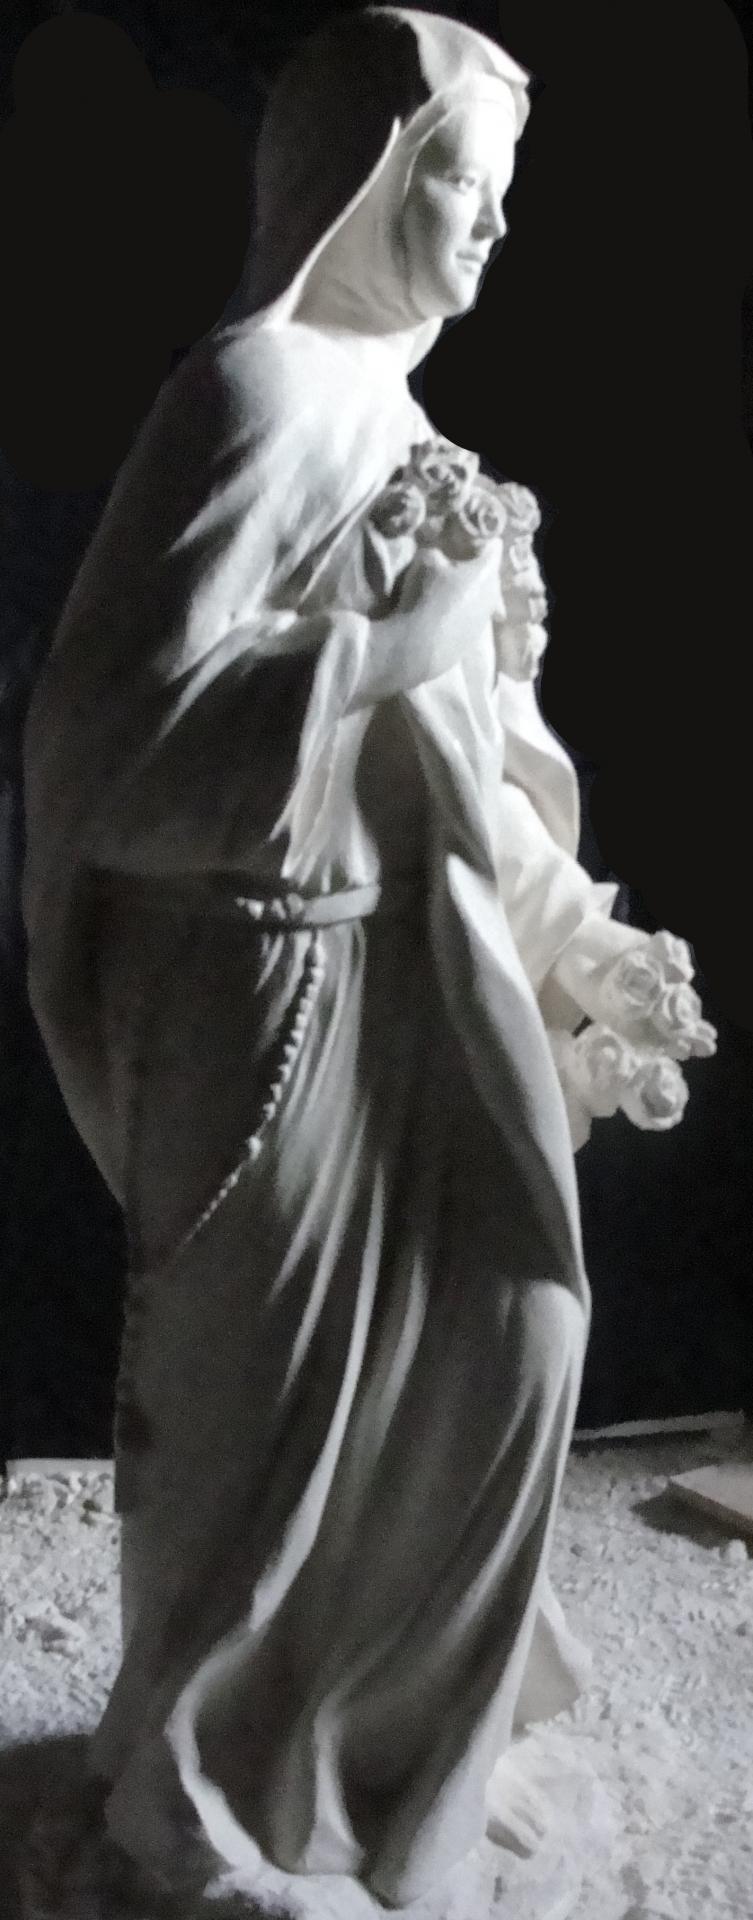 Sculpture sur pierre, statue de Ste Thérèse en ronde bosse, 6